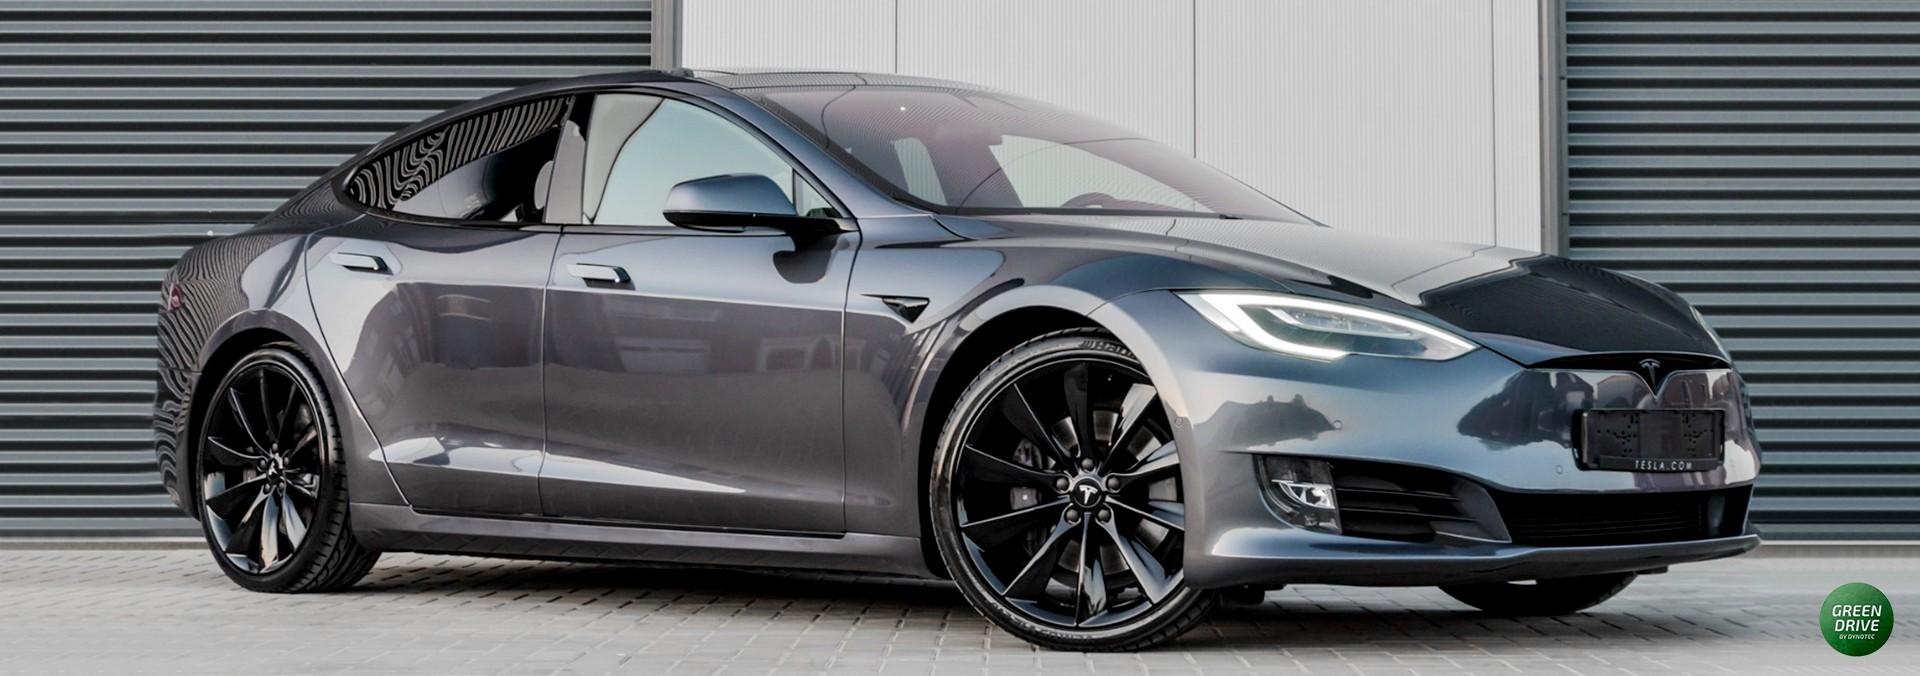 Model S eliminar el cromo